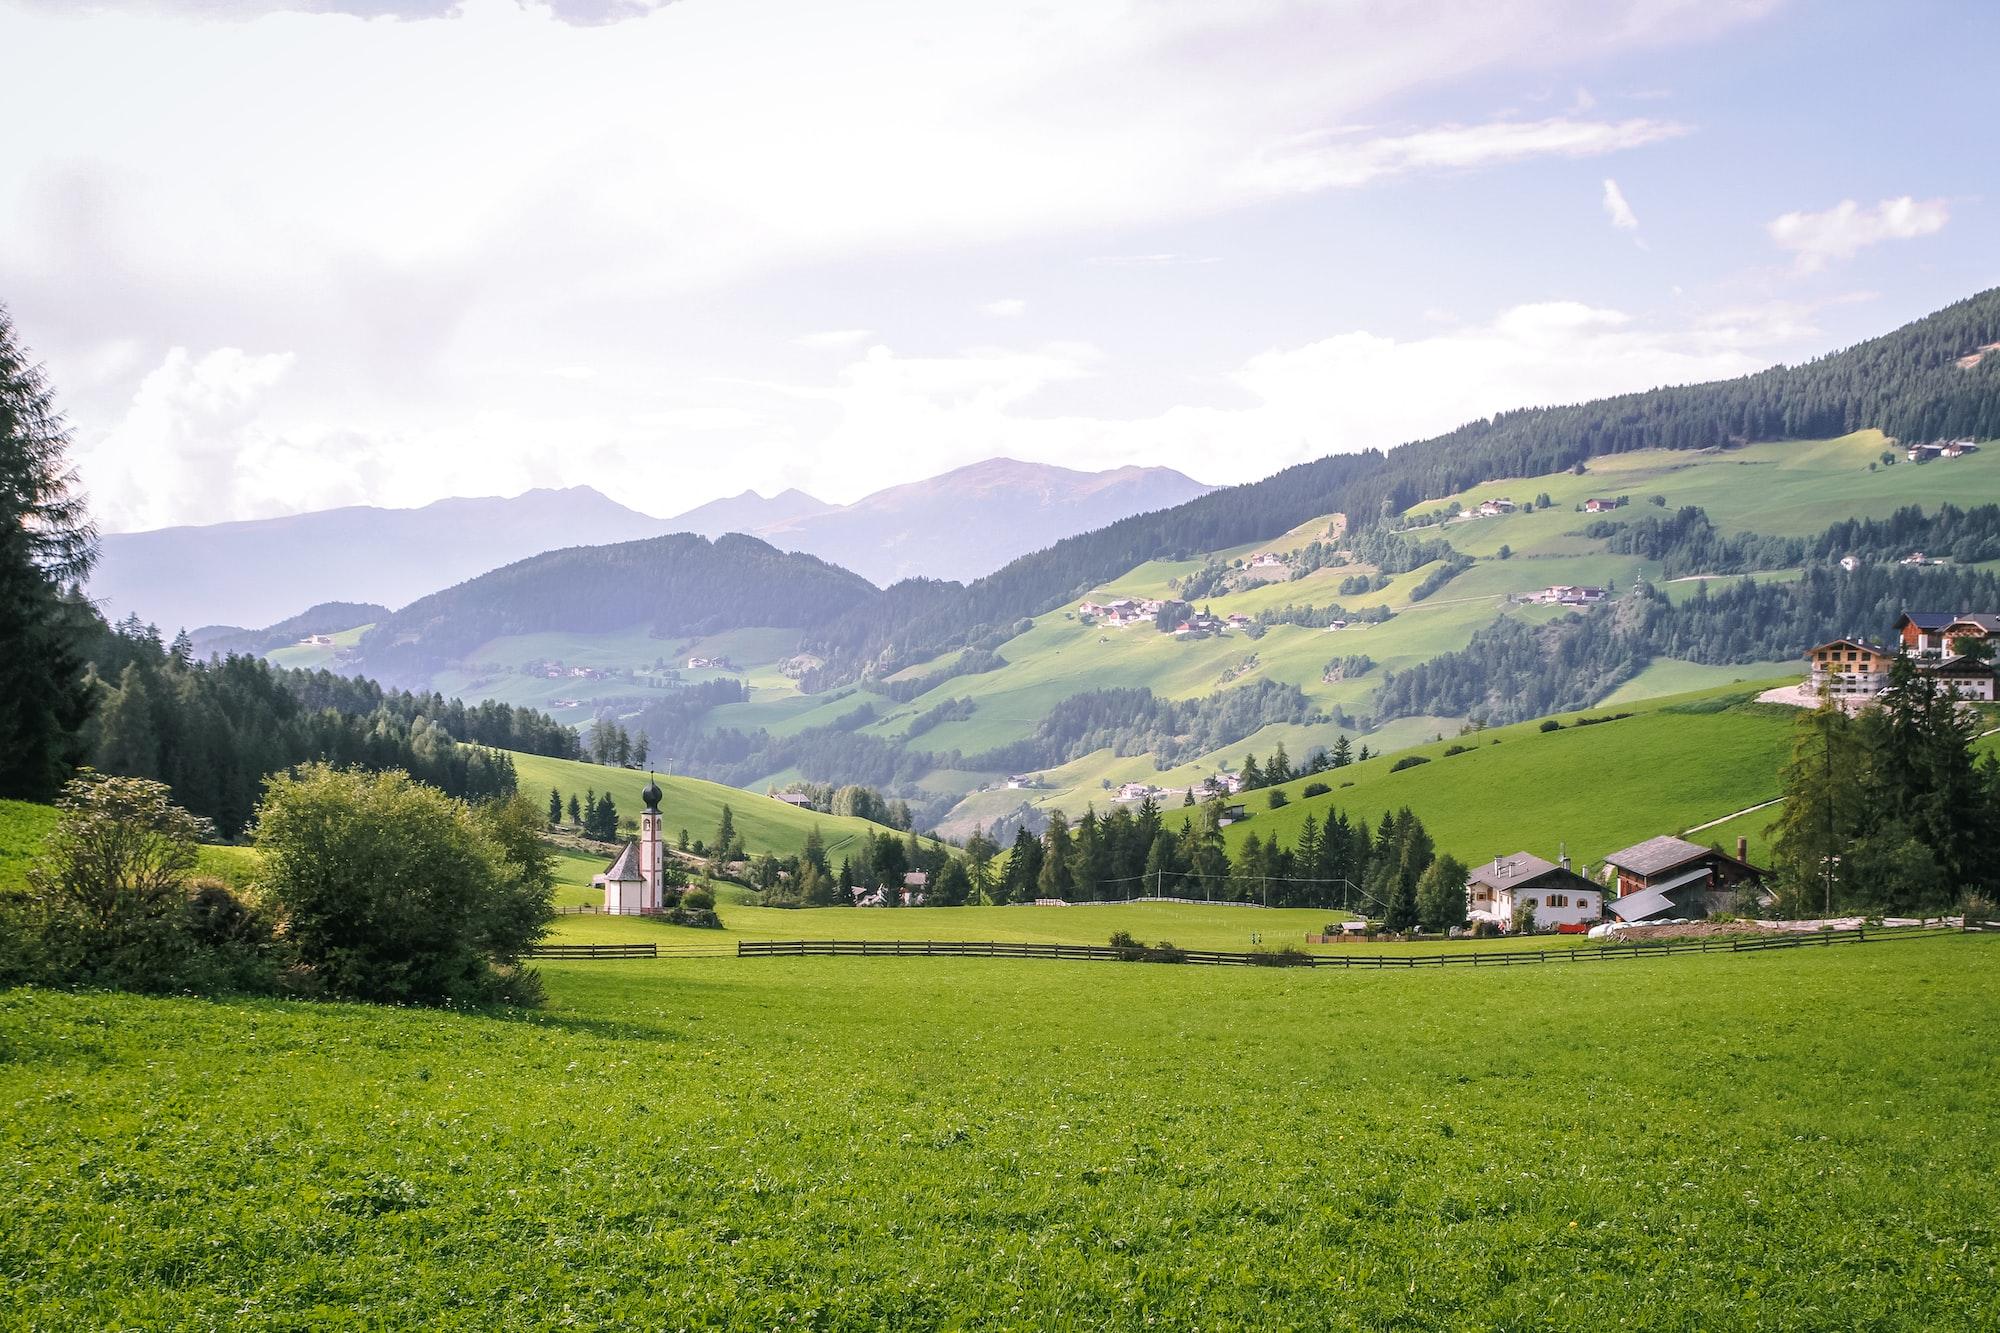 Zapytanie nr 1050 do ministra rolnictwa i rozwoju wsi w sprawie majątku ziemskiego Kościoła katolickiego i innych związków wyznaniowych